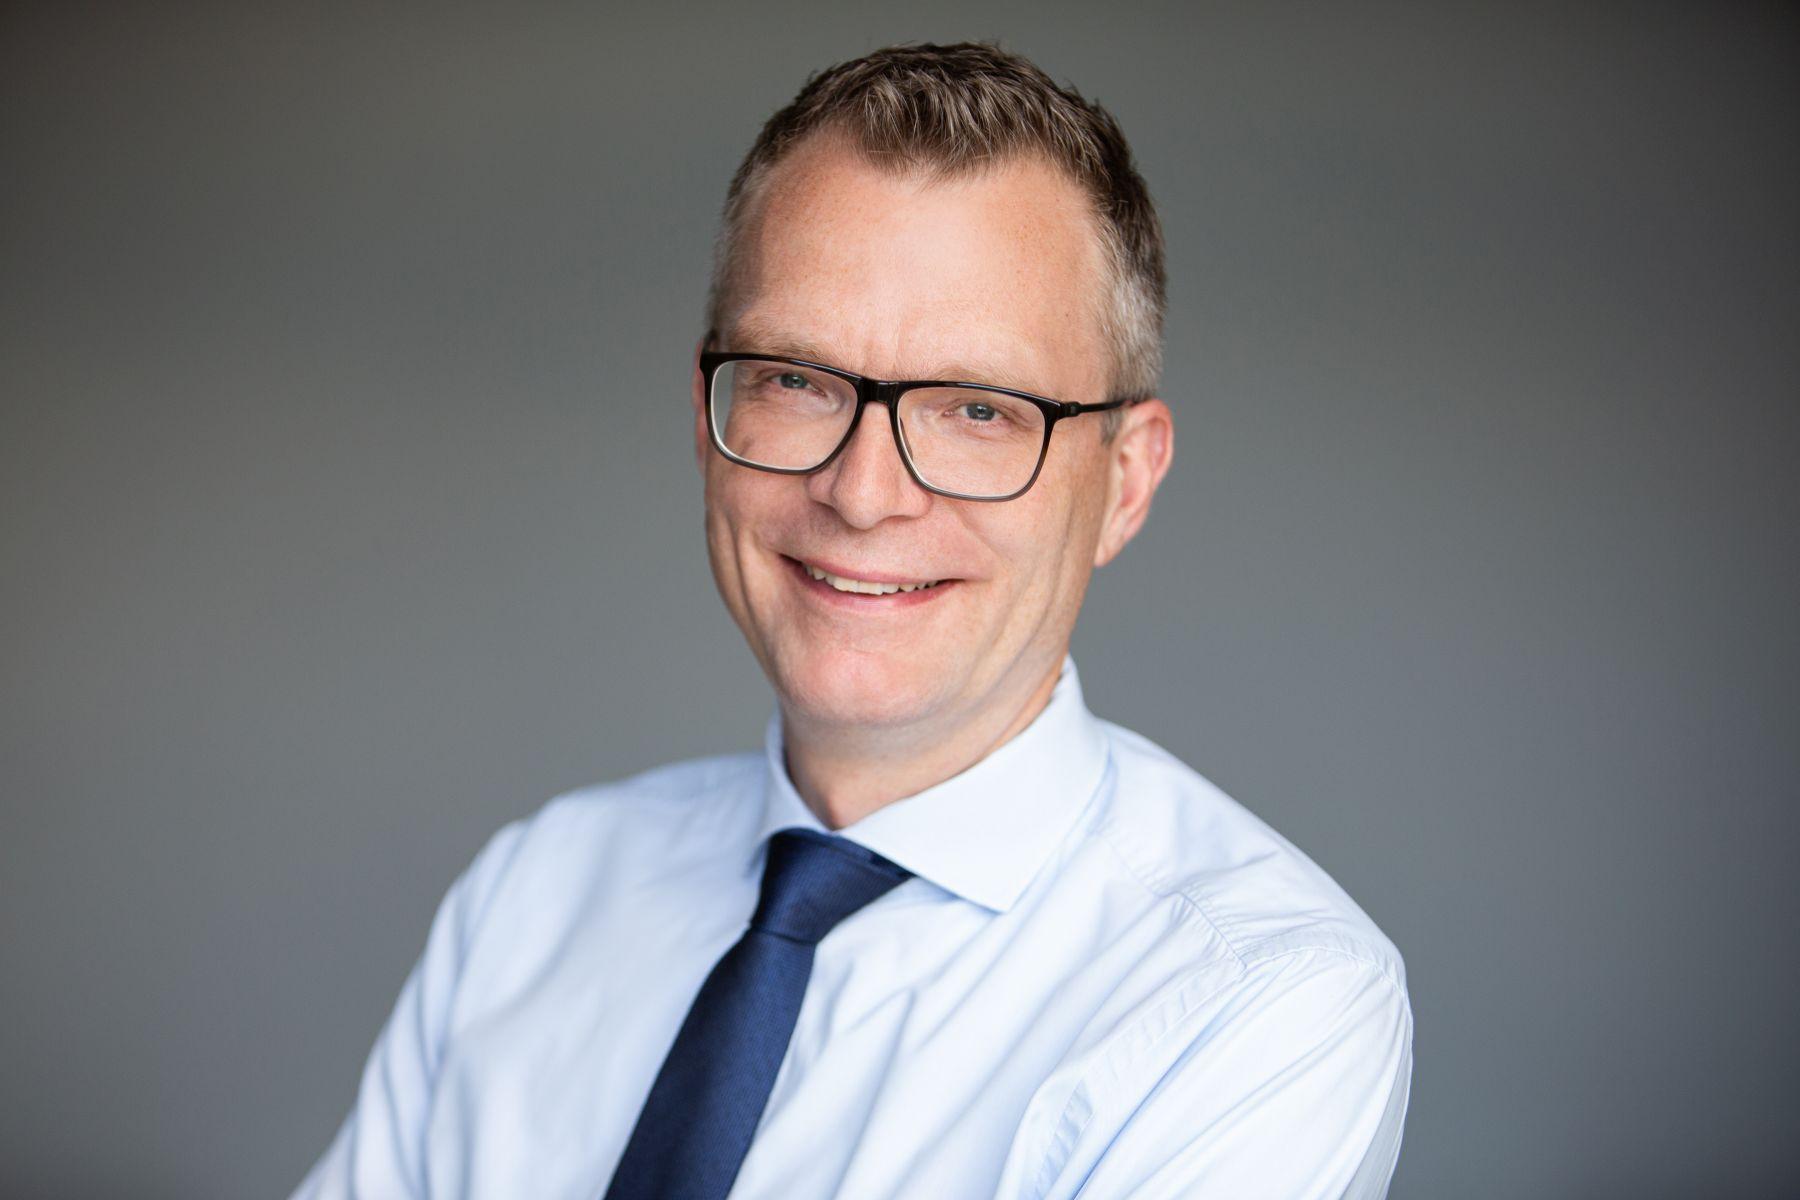 Rechtsanwalt Dr. Heiner Heldt